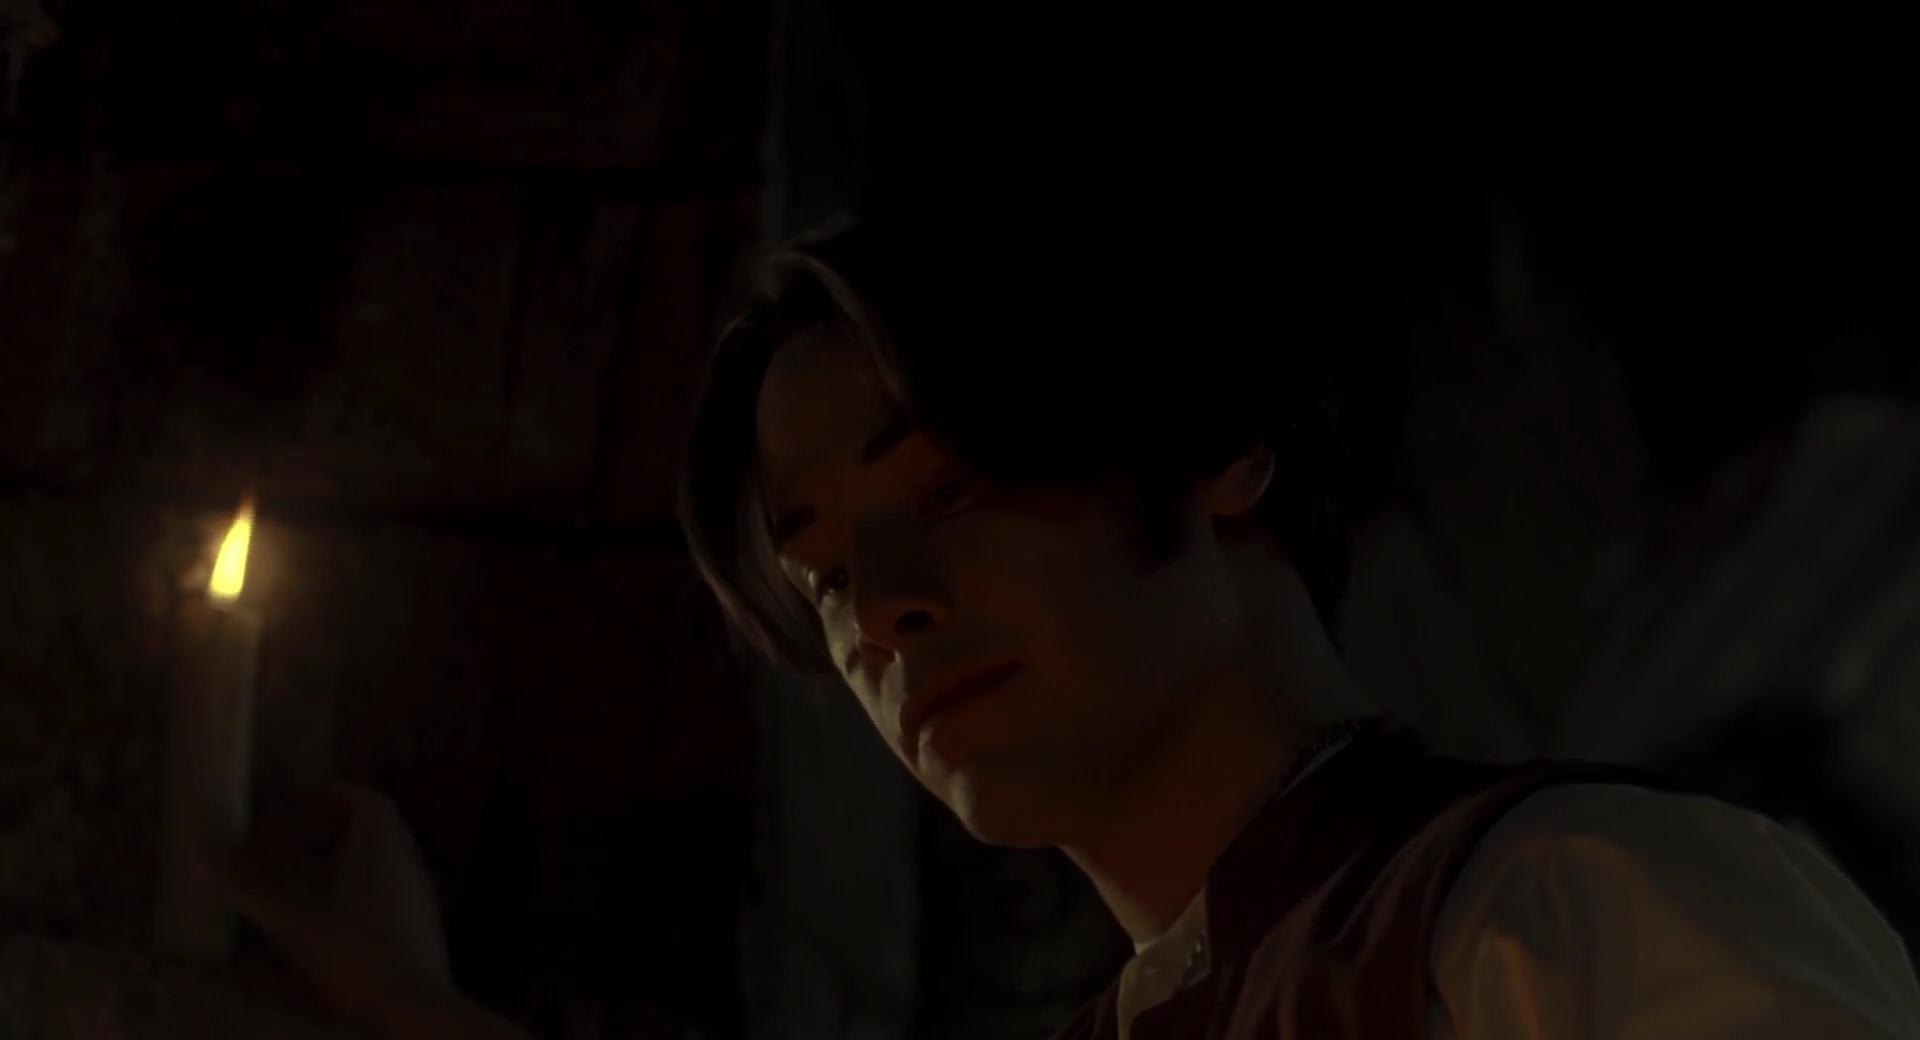 Quando, por fim, o personagem repousa a vela em um apoio, ela passa a ter luminosidade só na ponta, como seria de se esperar.